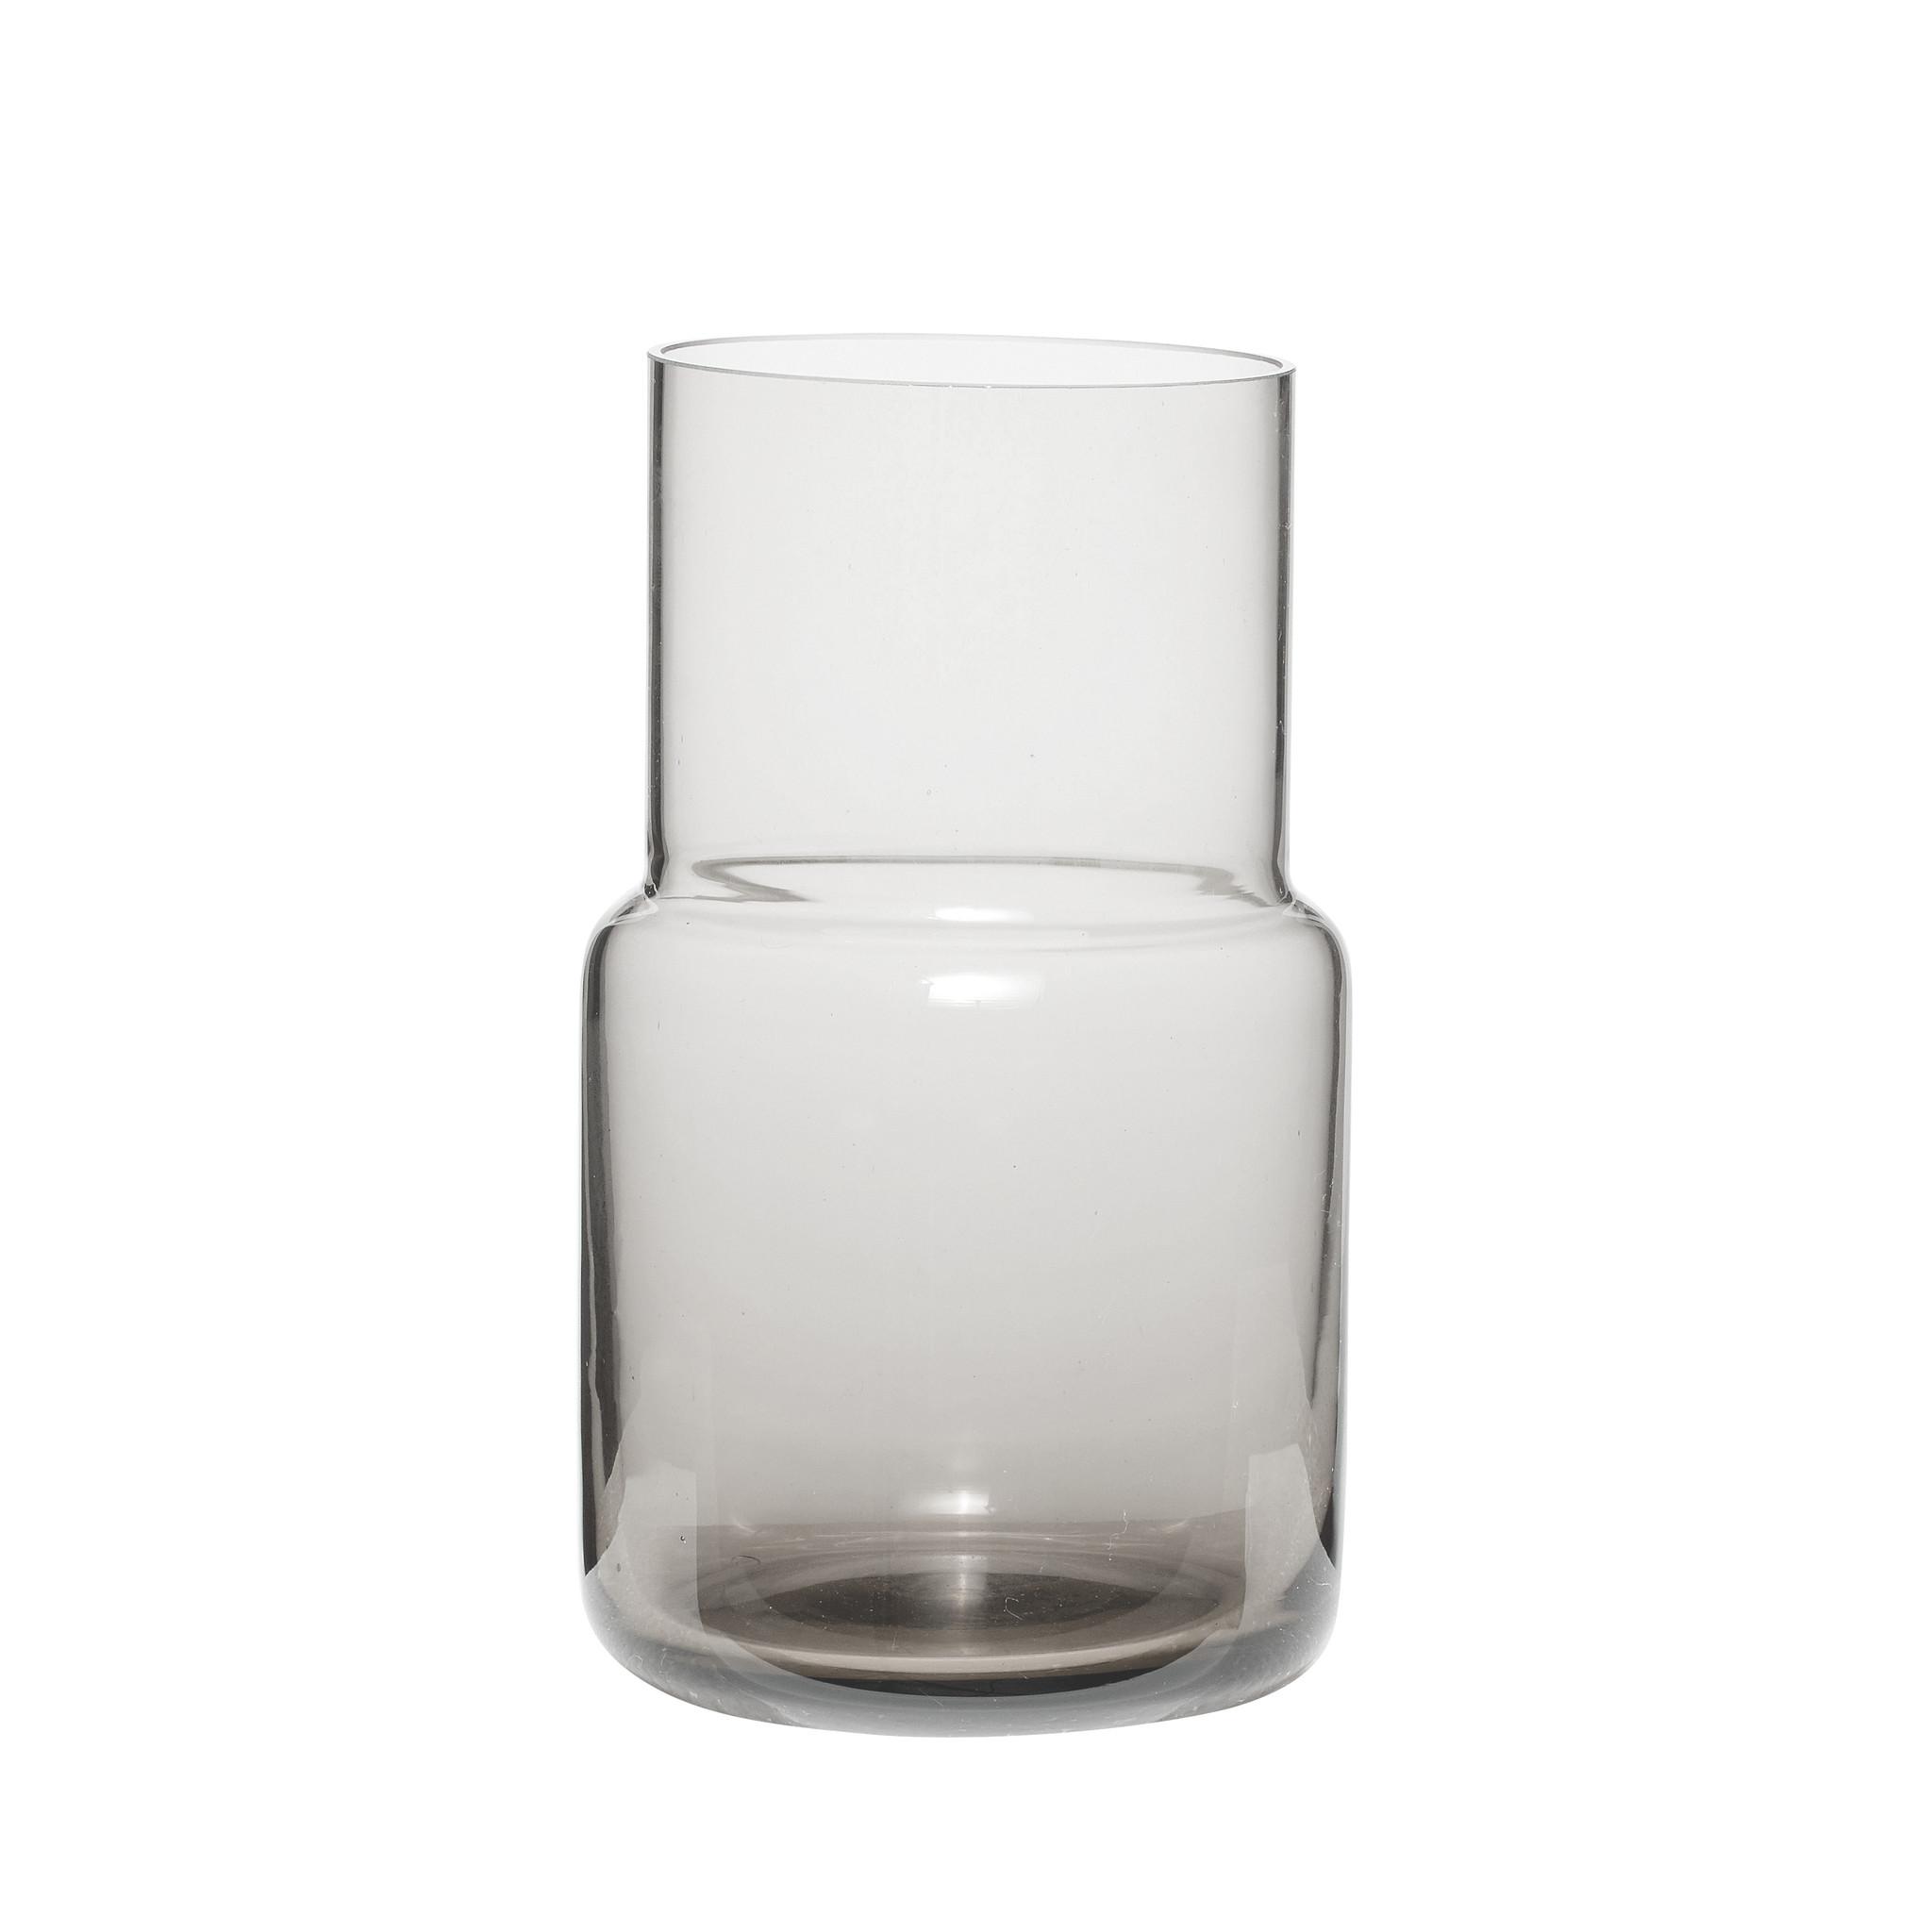 Hubsch Vaas, glas, grijs-660202-5712772042786